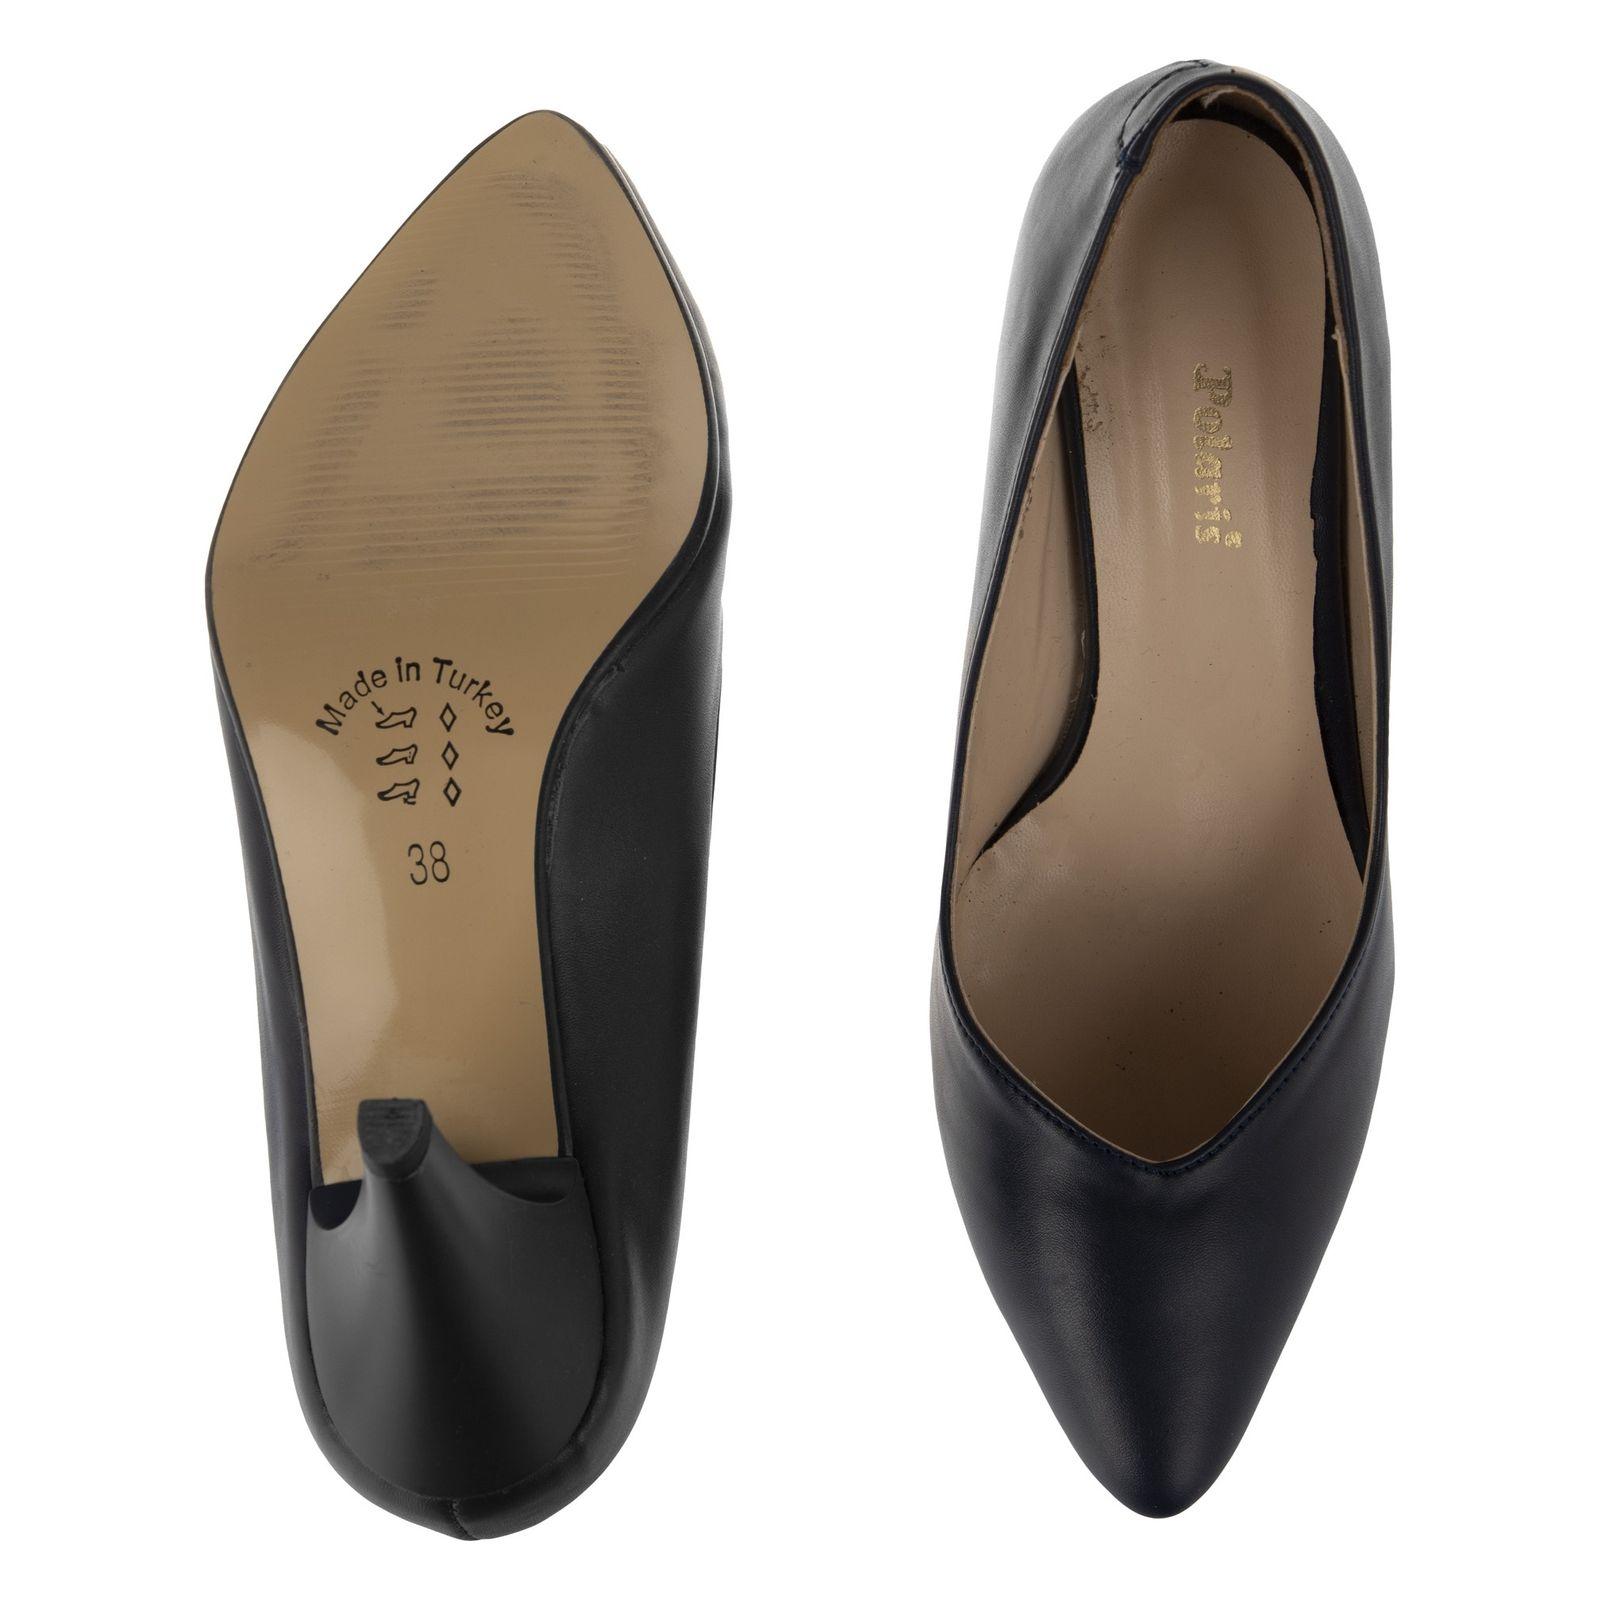 کفش زنانه پولاریس مدل 100294709-113 main 1 3